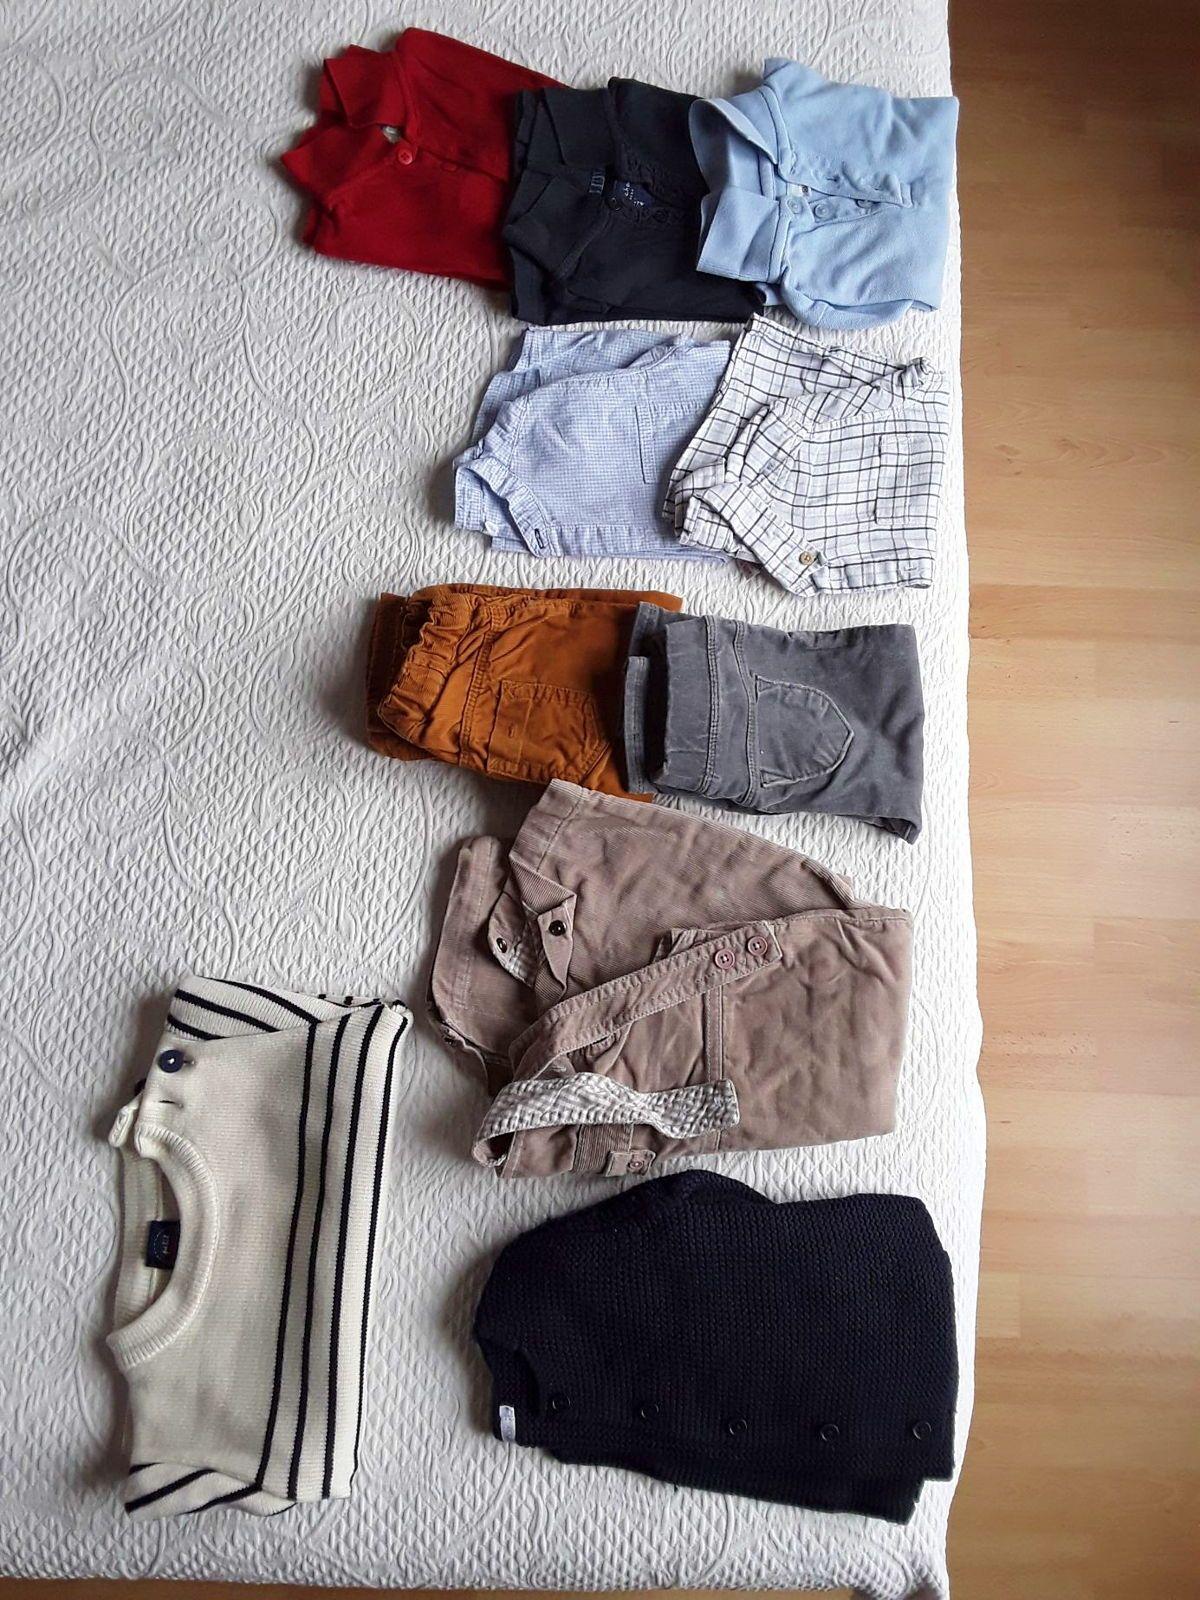 Vends lot vêtements hiver garçon taille 18mois